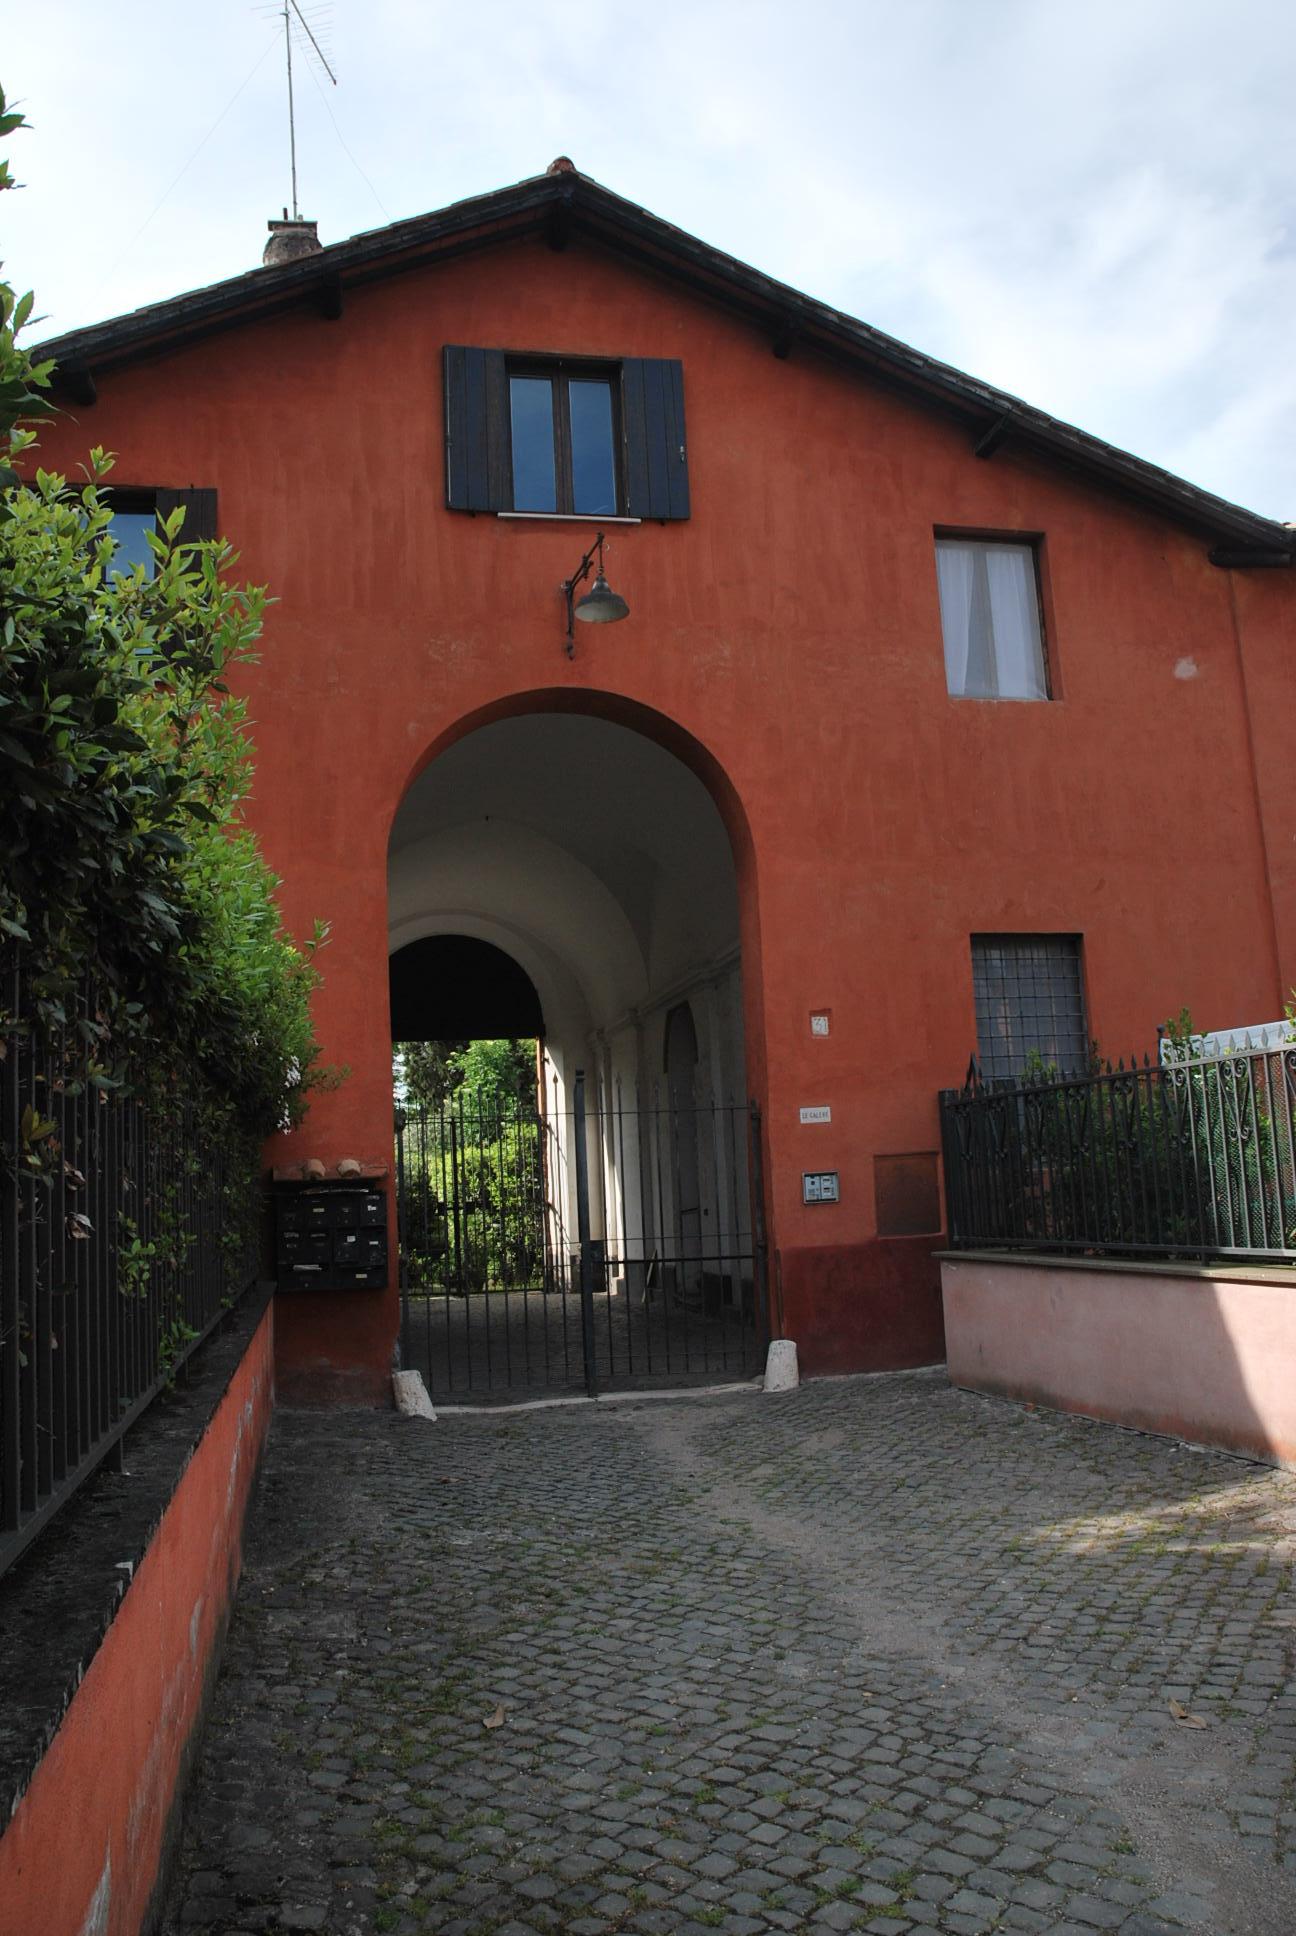 Appartamento in affitto a roma laurentina colle della for Affitto roma laurentina